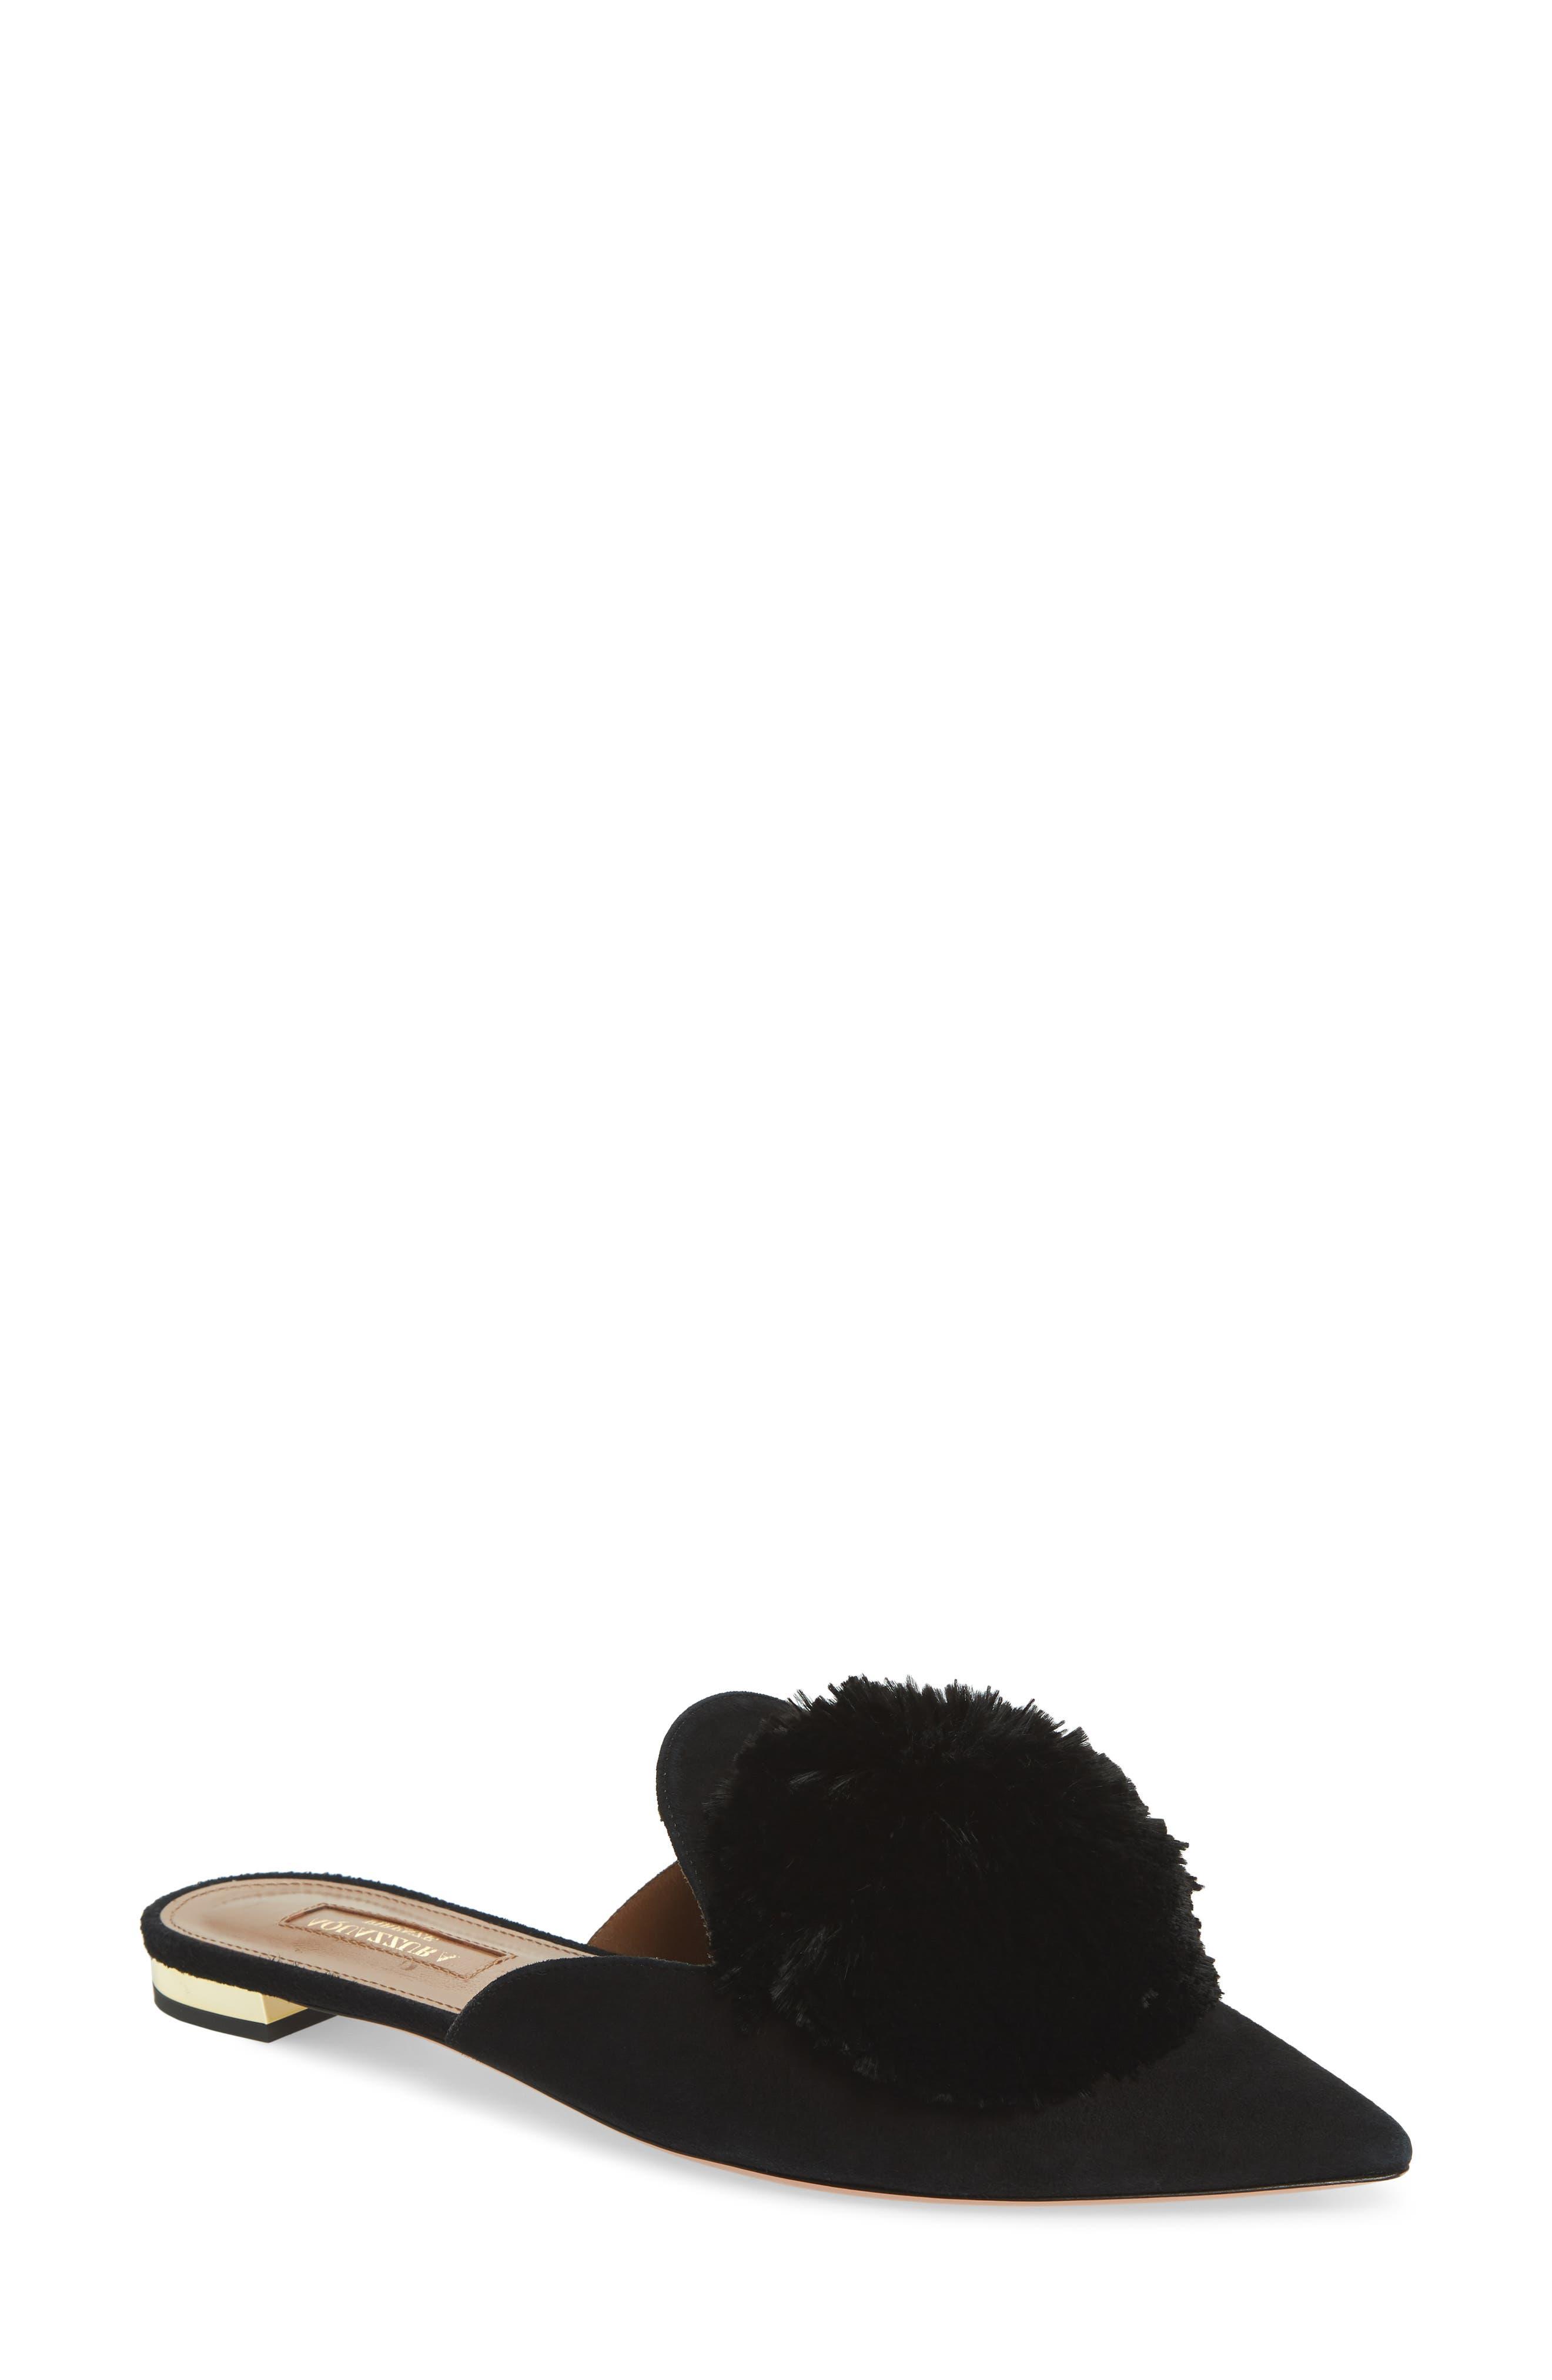 Powder Puff Mule,                         Main,                         color, BLACK